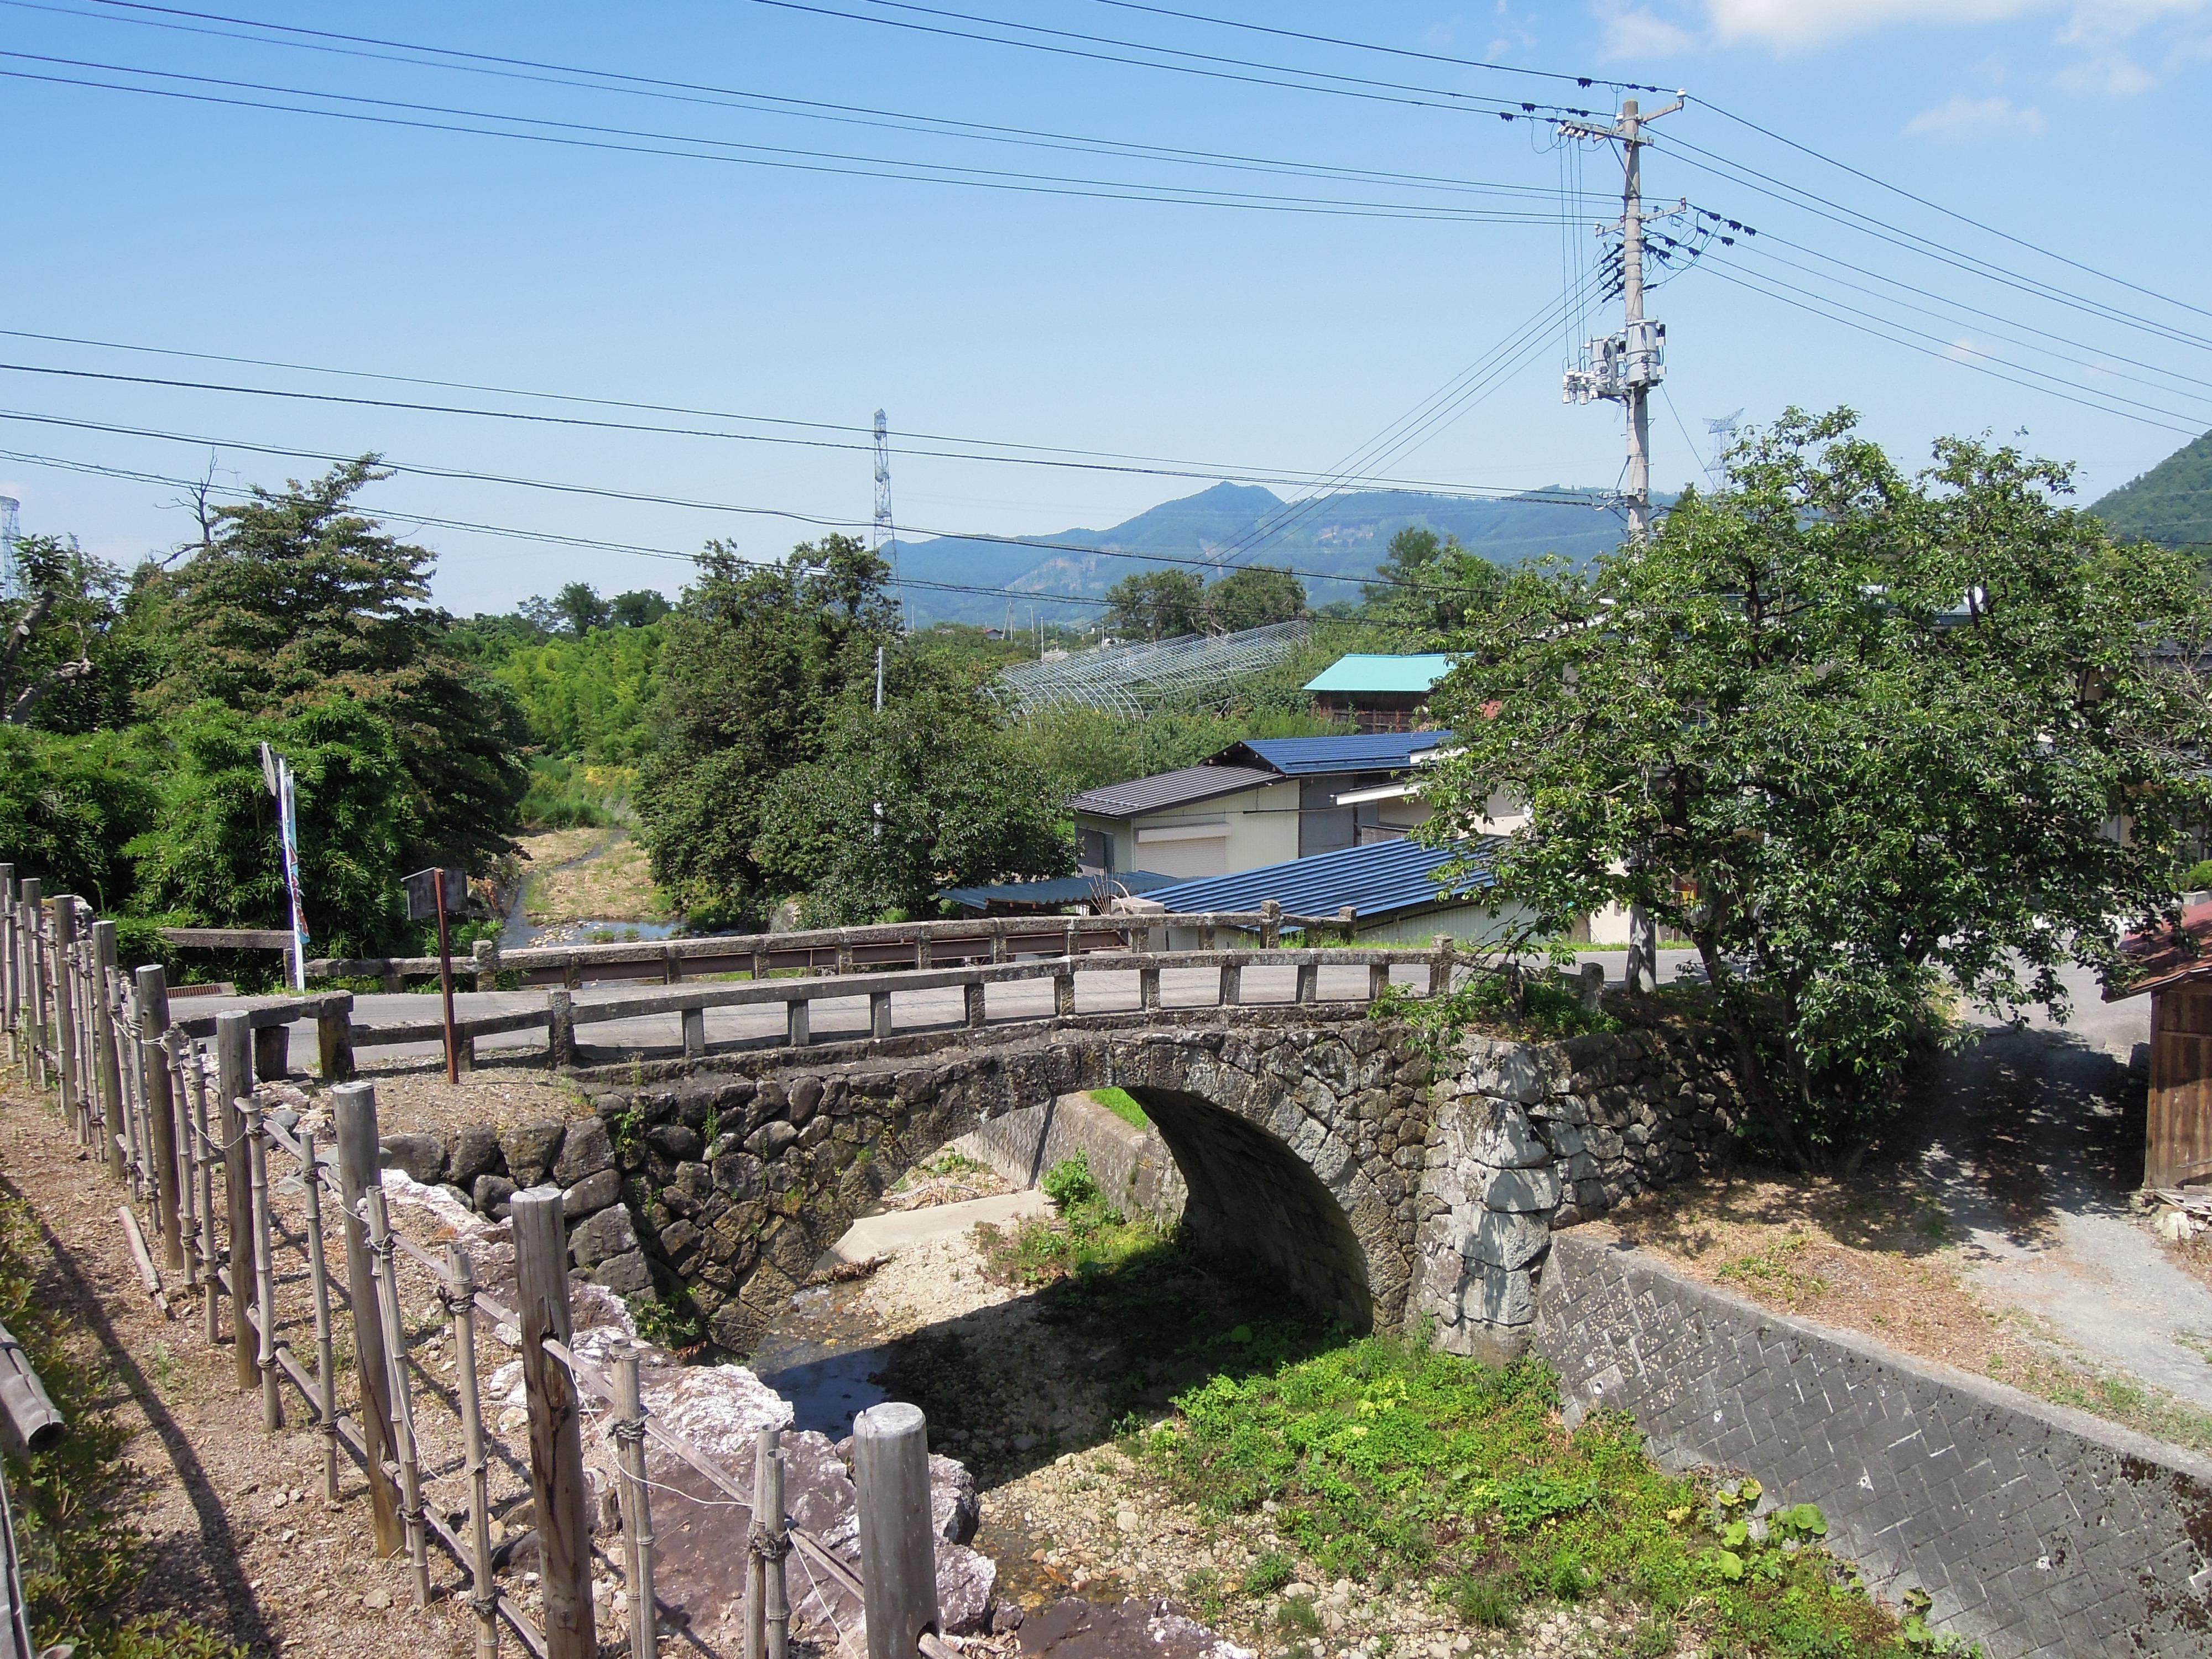 【開催中止】羽州街道 楢下宿 「田舎deの〜んびり 縁側カフェ」